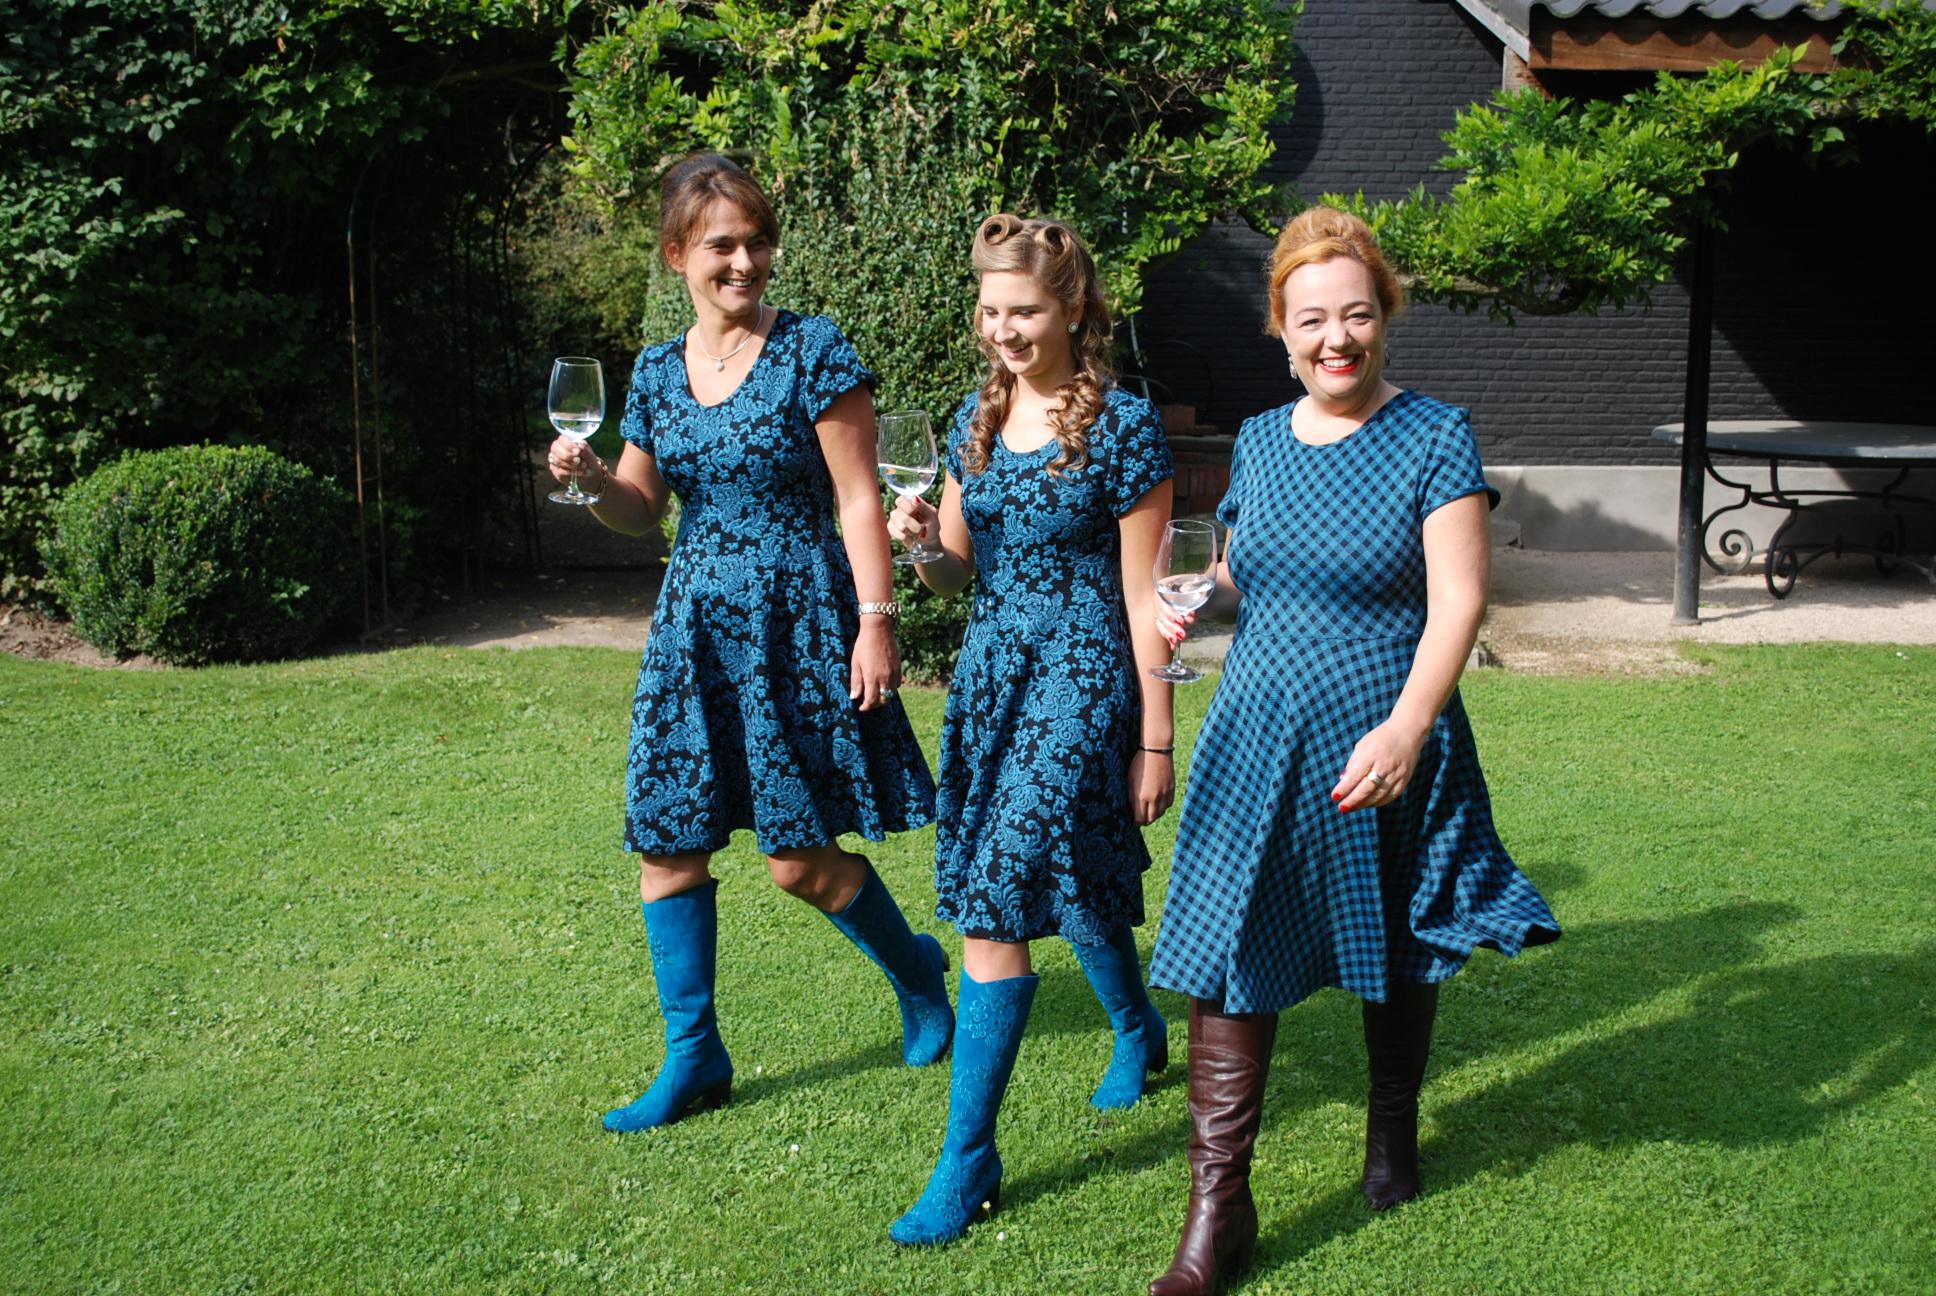 DSC 0034 GIRLS HAVING FUN IN THE NELLY DRESS